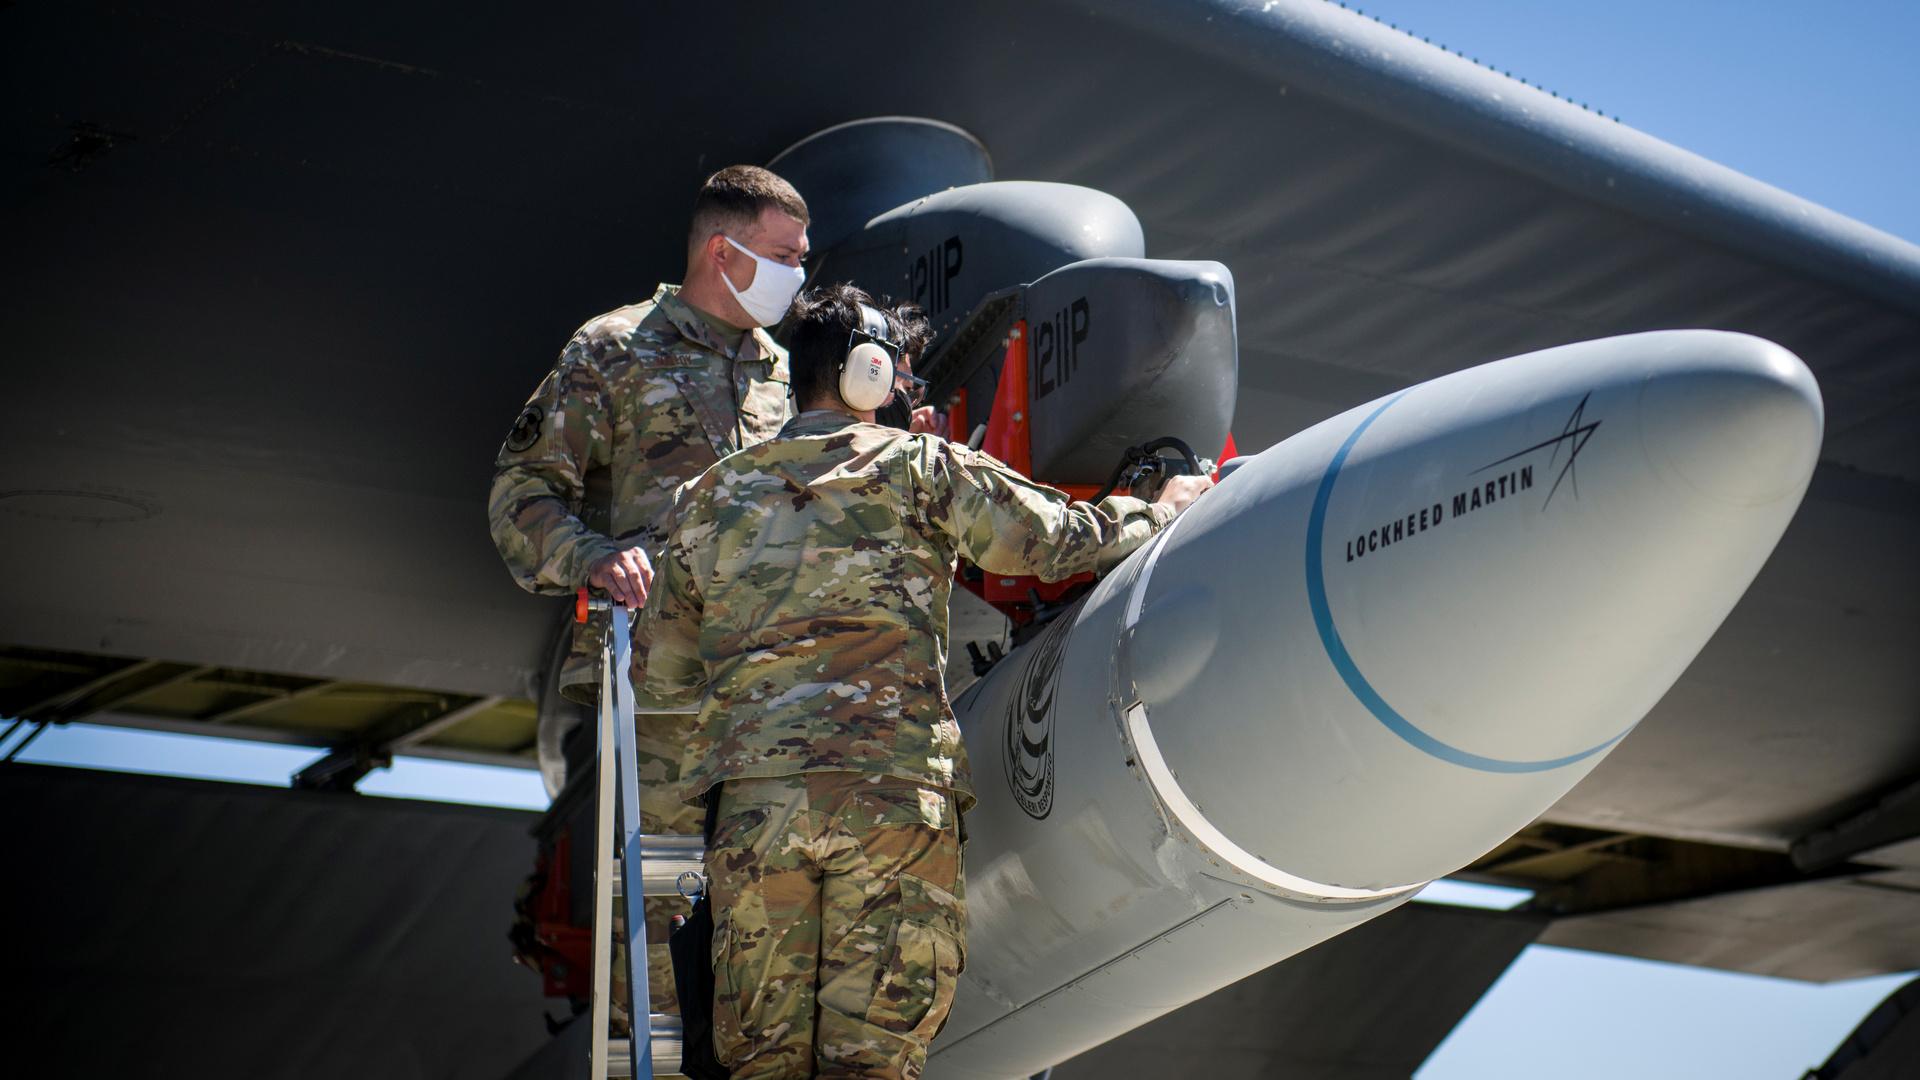 القوات الجوية الأمريكية تقر بفشل اختبار صاروخها فرط الصوتي في 5 أبريل